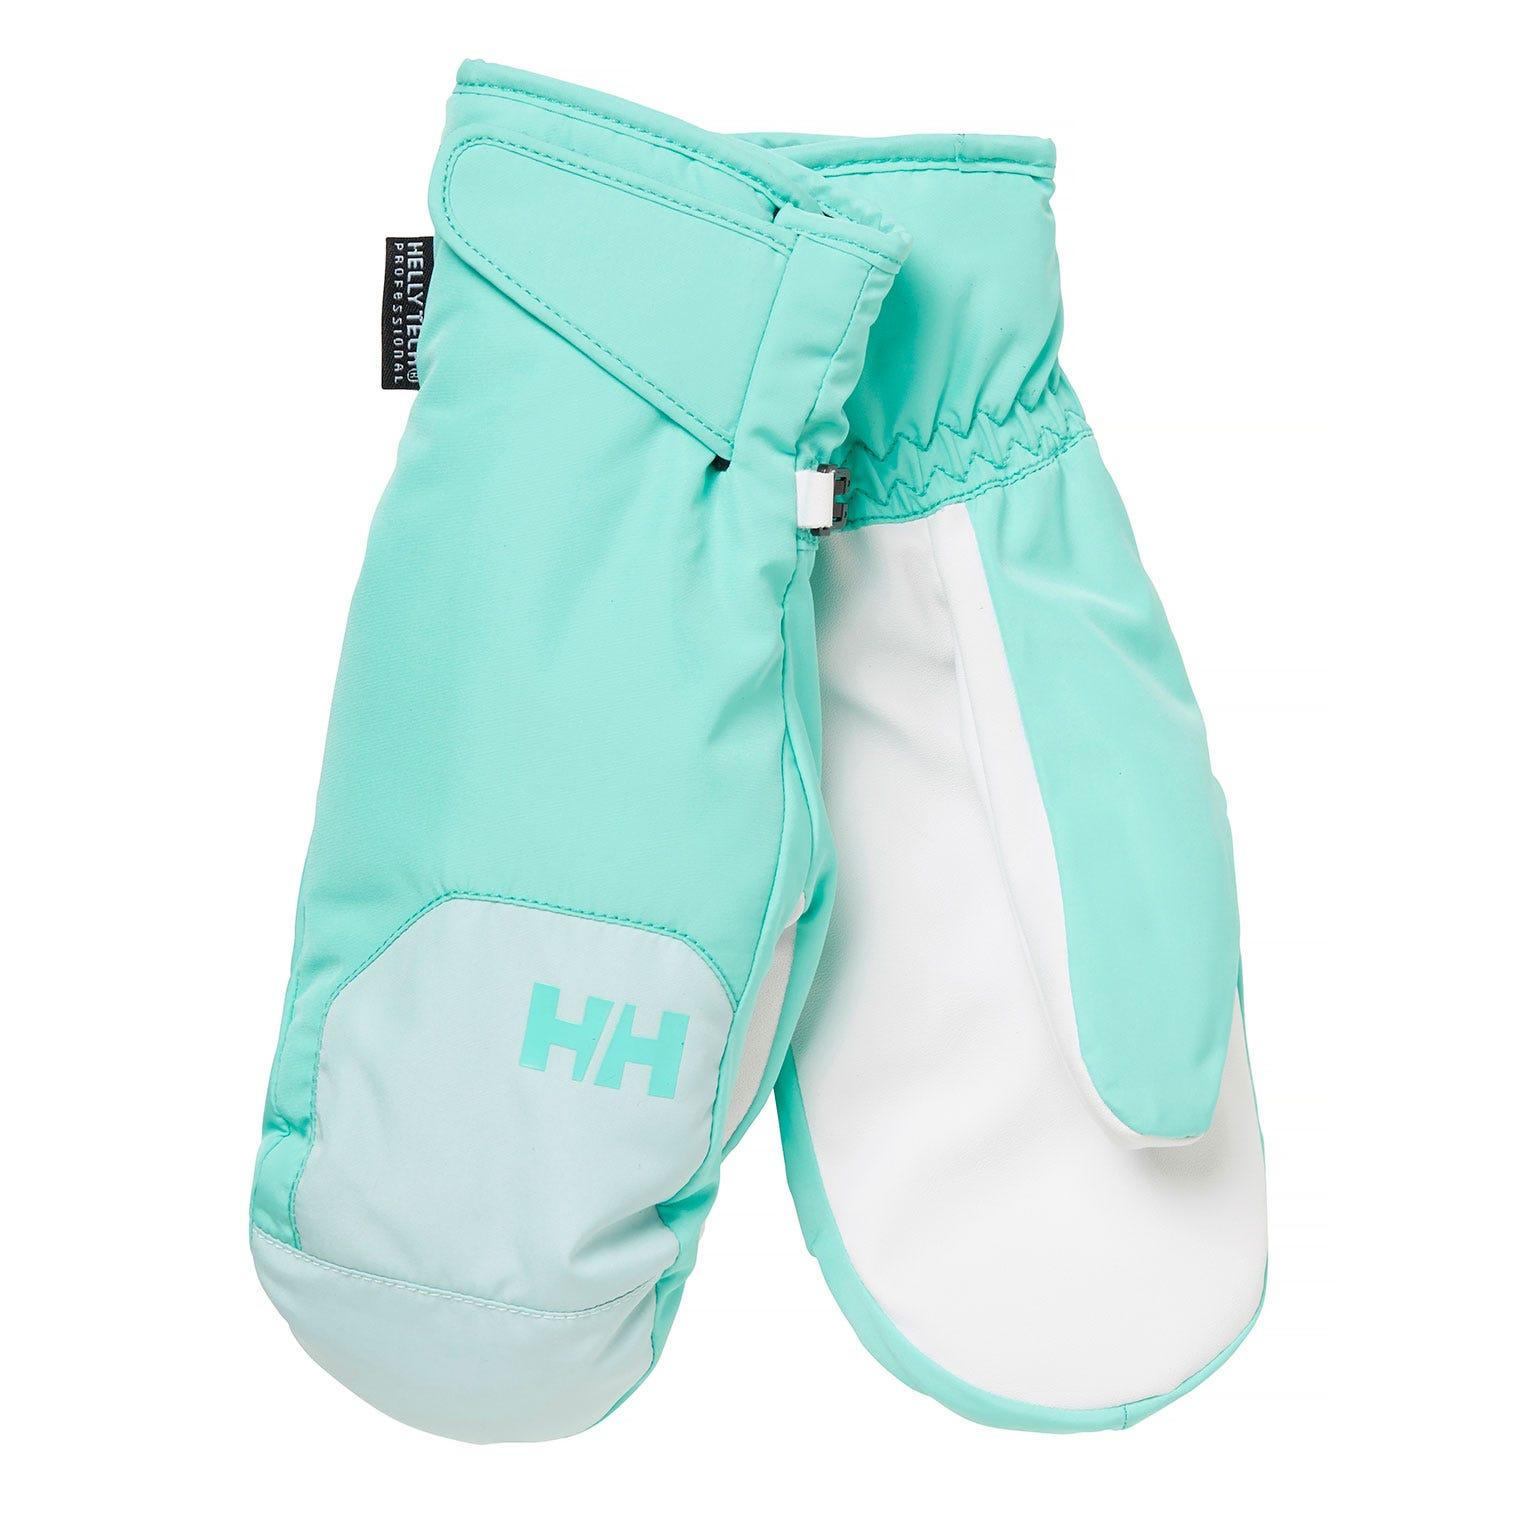 Helly Hansen Junior Swift Ht Mitten Kids Blue XS